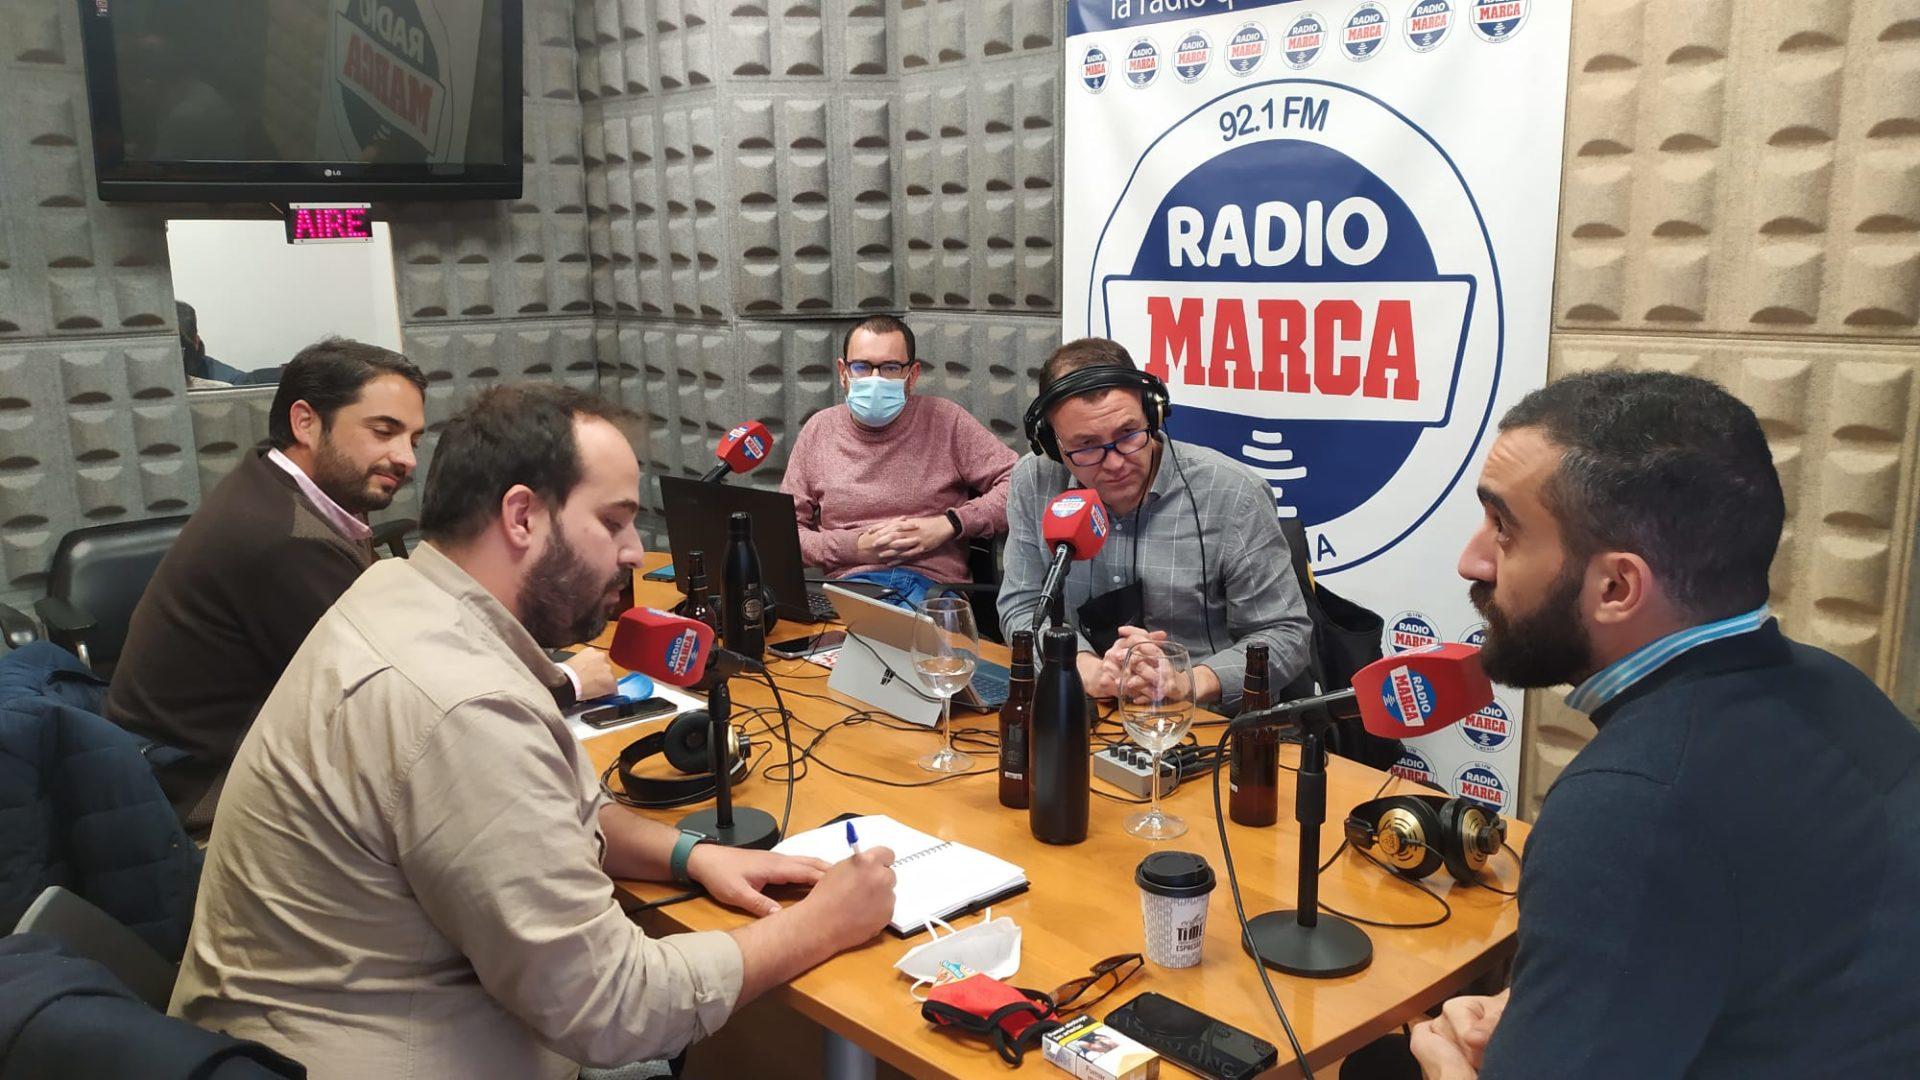 #RadioblogMinuto92. Entrevista a Mohamed El Assy pasó lo que tenía